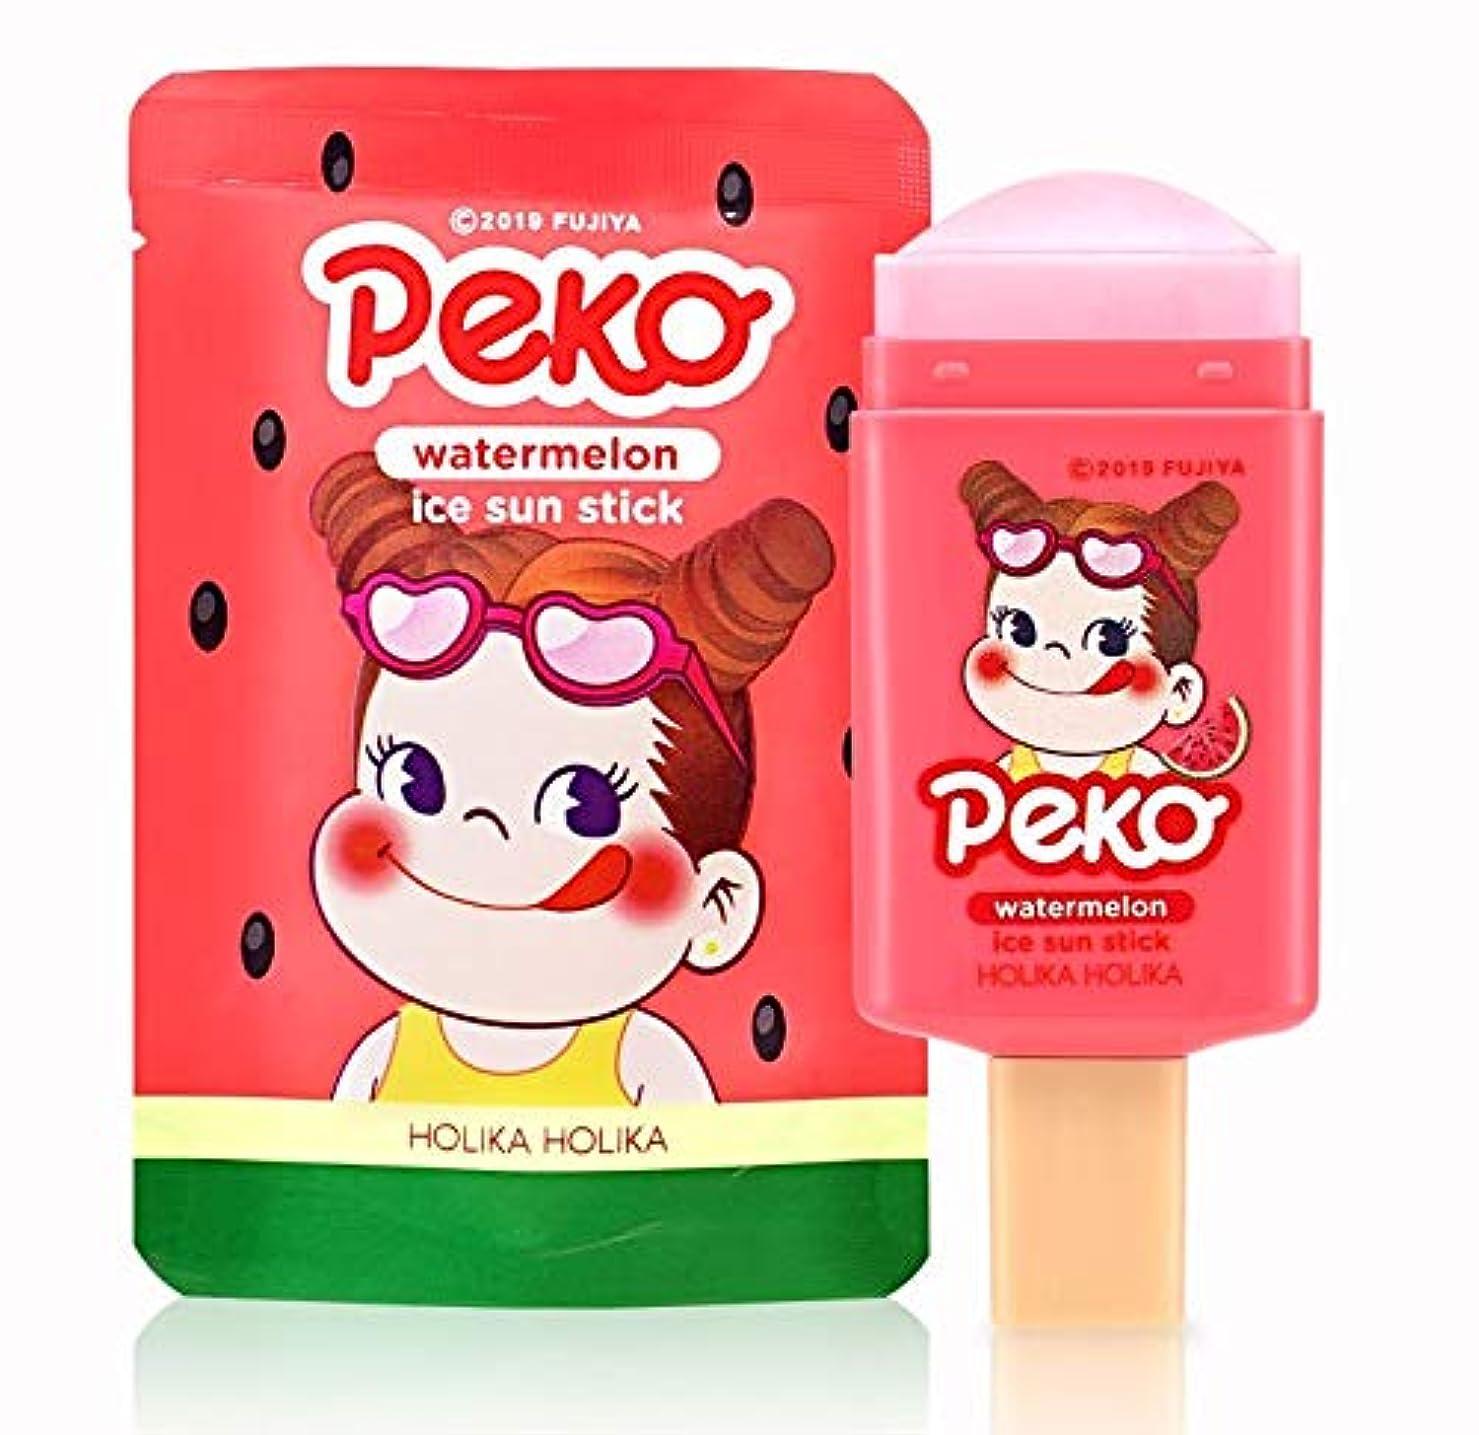 ショルダー信号あなたが良くなりますホリカホリカ [スイートペコエディション] スイカ アイス サン スティック 14g / Holika Holika [Sweet Peko Edition] Watermellon Ice Sun Stick SPF50...